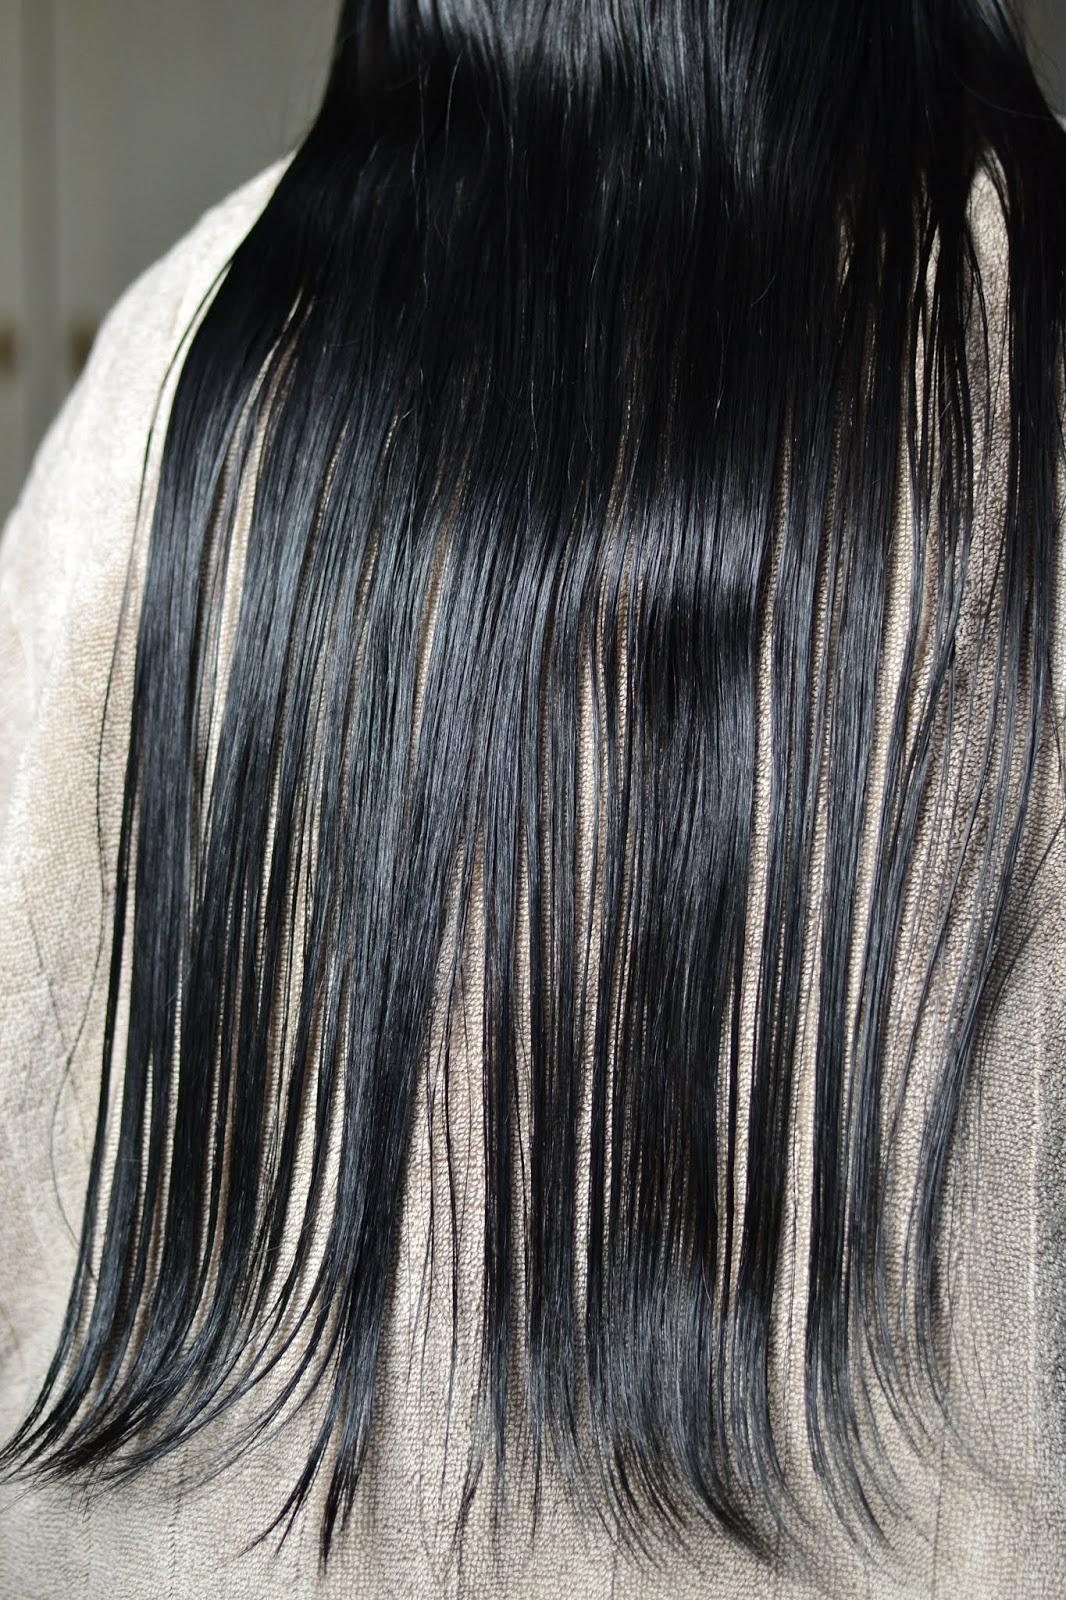 mycie na długości włosów maską